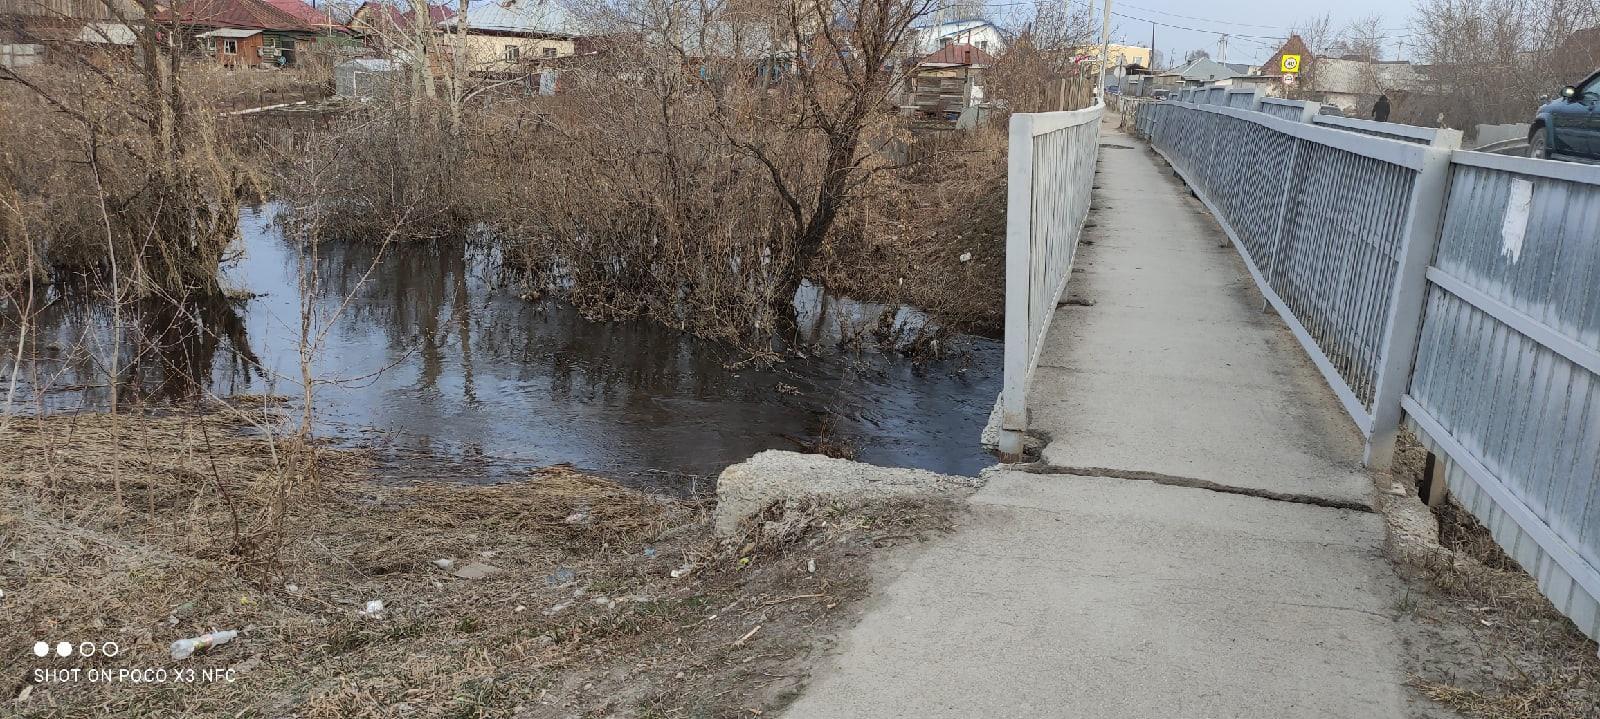 Фото «Одно неловкое движение – и ребёнок внизу»: под Новосибирском создают карту опасных мест после гибели 6-летнего мальчика 2